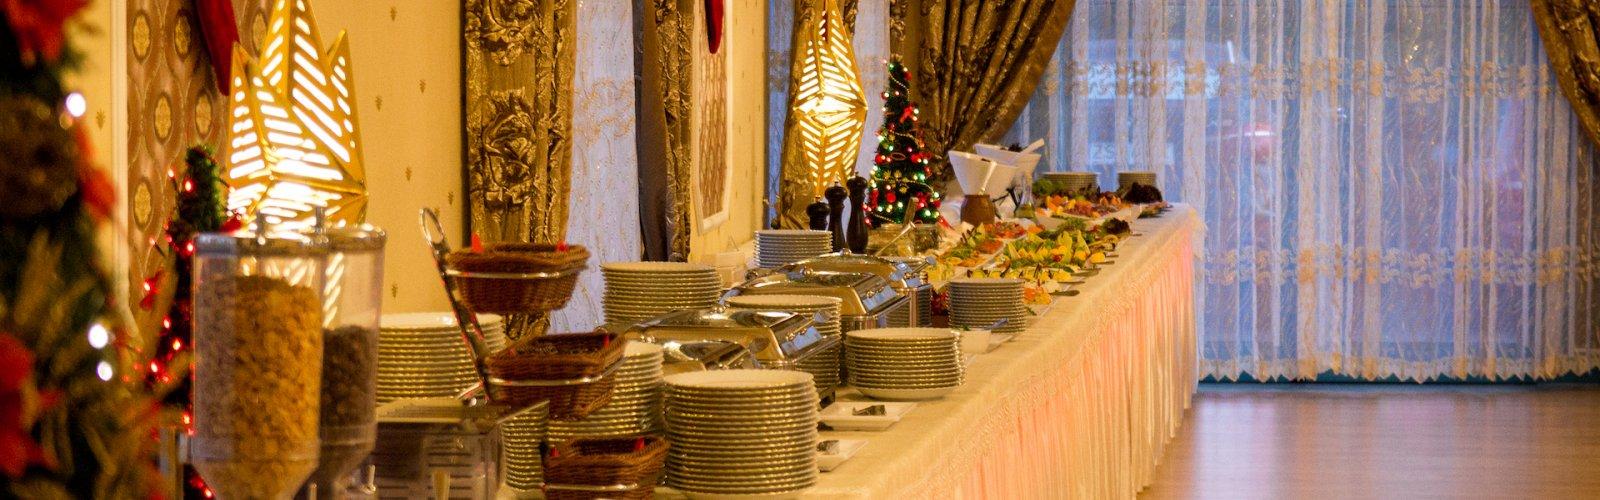 Bożonarodzeniowy pobyt w hotelu SPA nad morzem (rabat -10%)